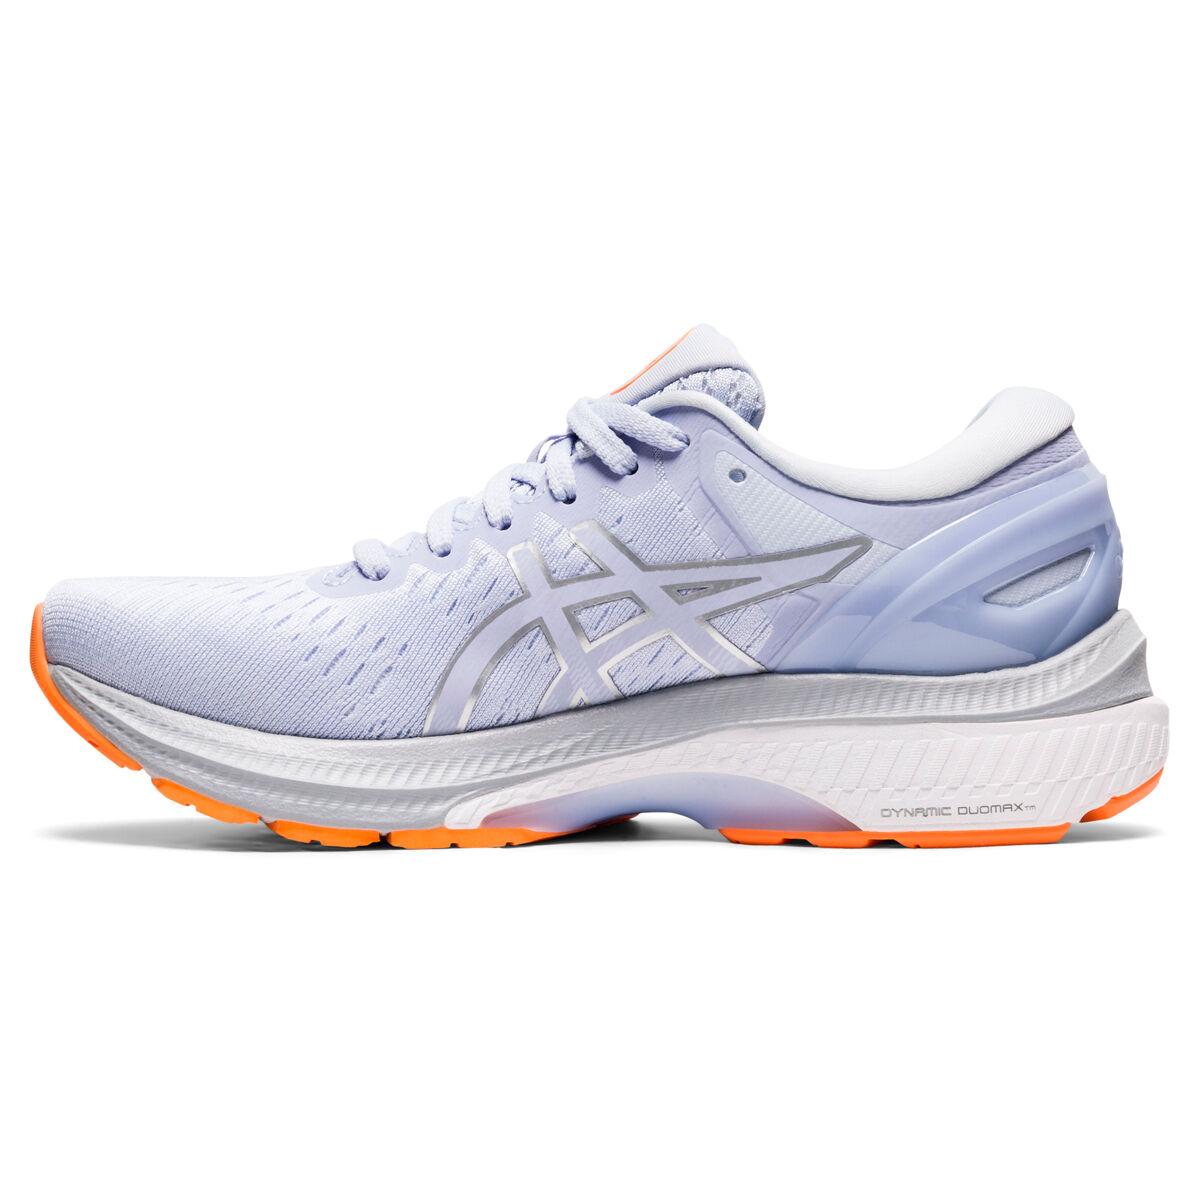 Asics GEL Kayano 27 Womens Running Shoes   Rebel Sport